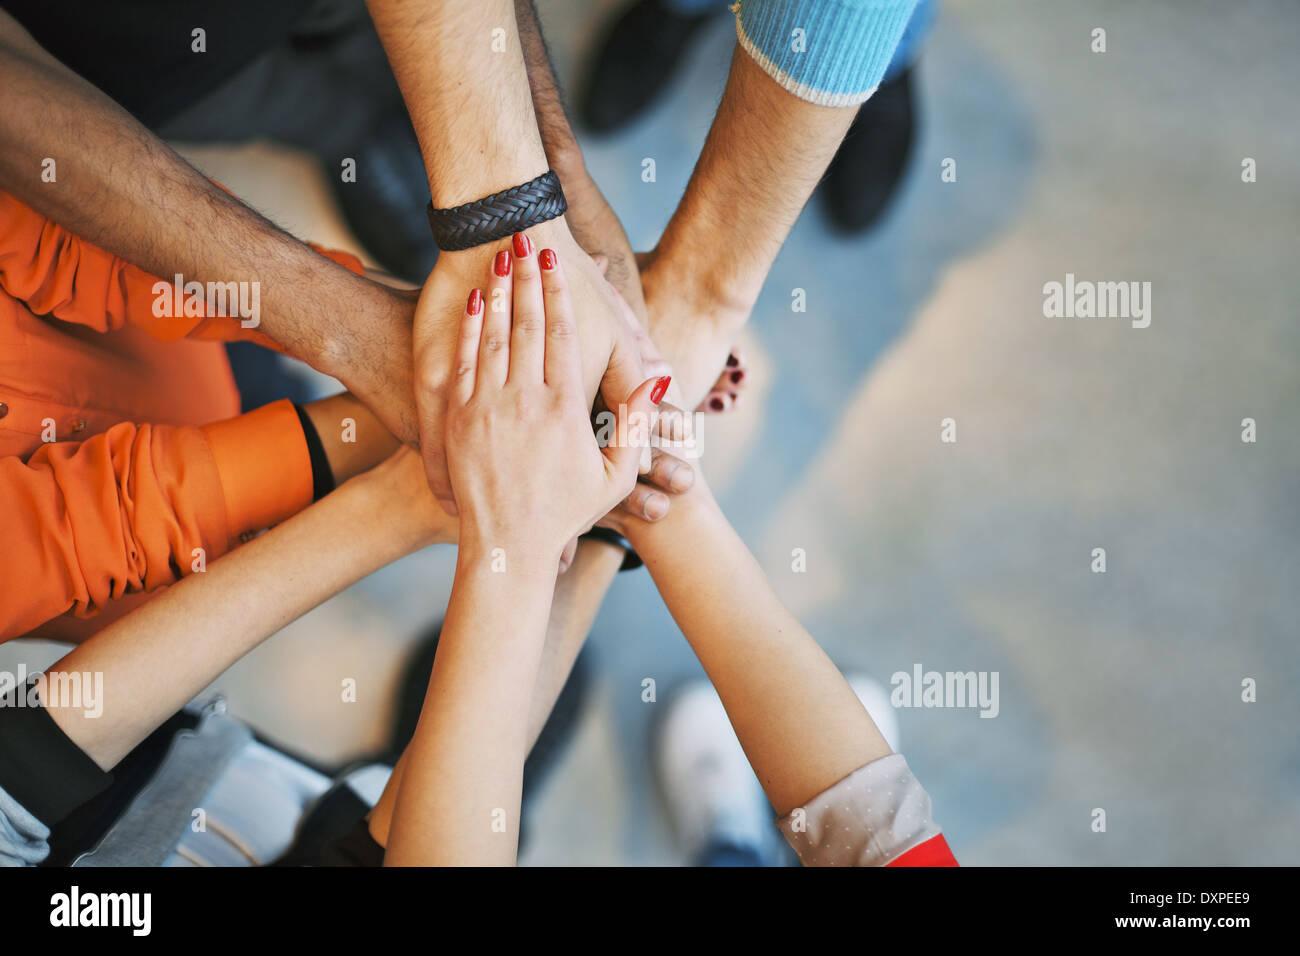 Gruppo multietnico di giovani di mettere le mani sulla parte superiore di ogni altro. Chiudere l immagine di giovani studenti mani di impilamento. Immagini Stock